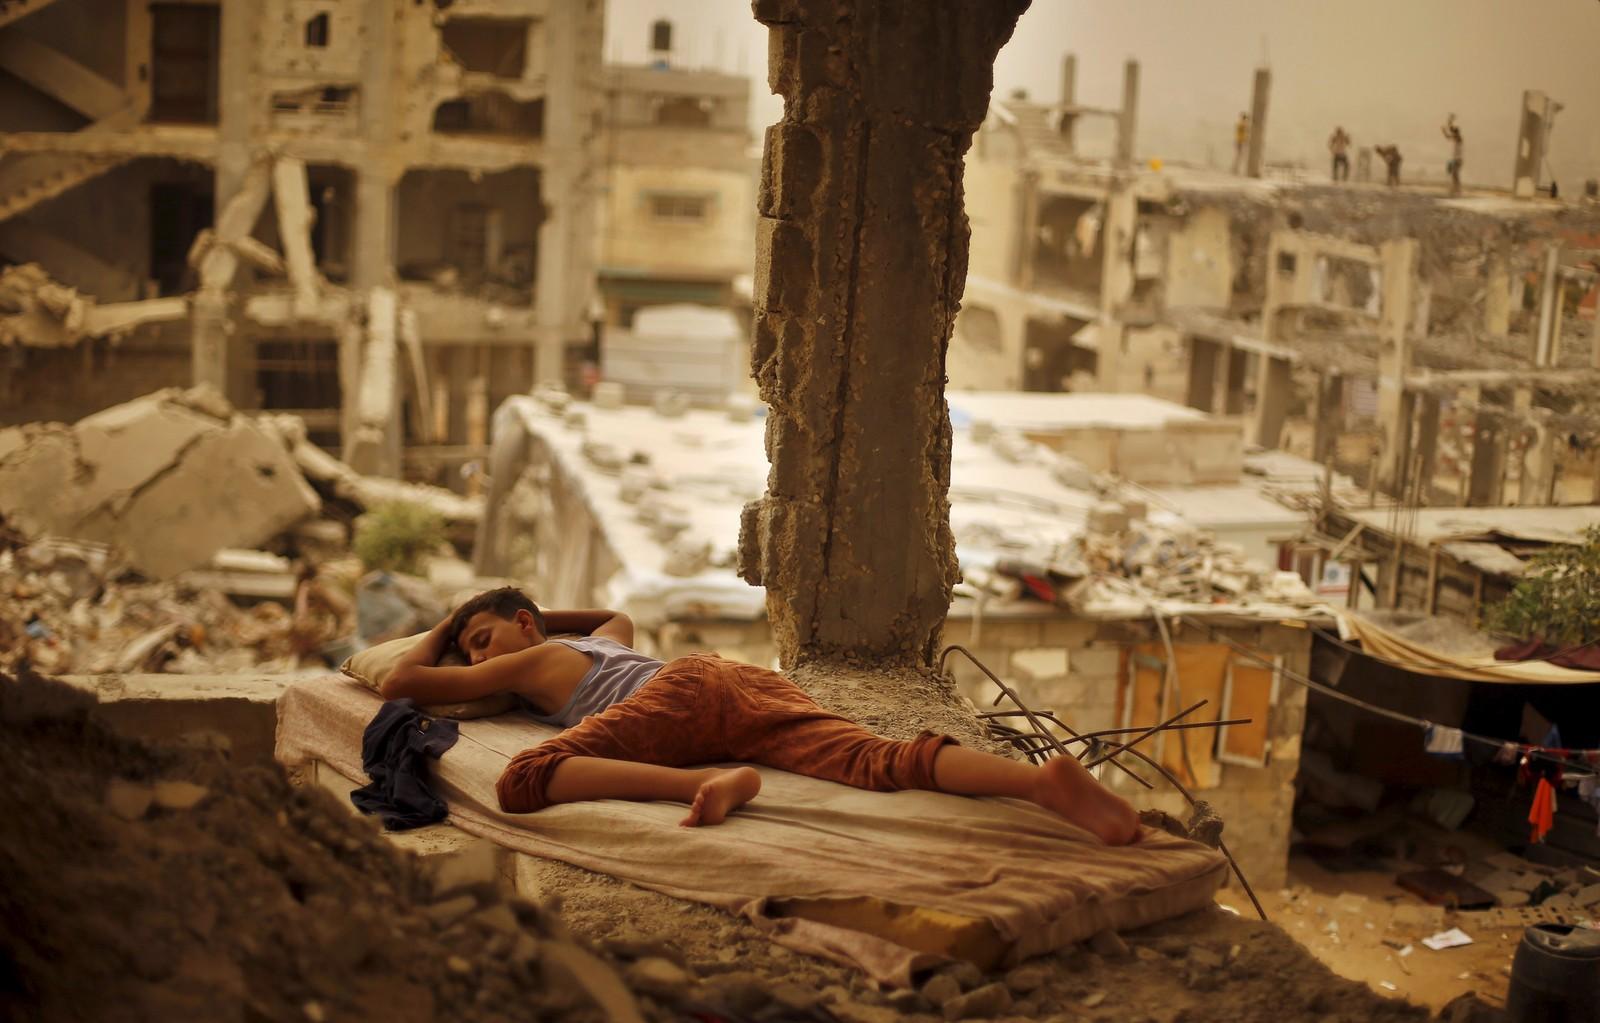 En palestinsk gutt hviler i ruinene av sin families hjem i Gaza 8. september.